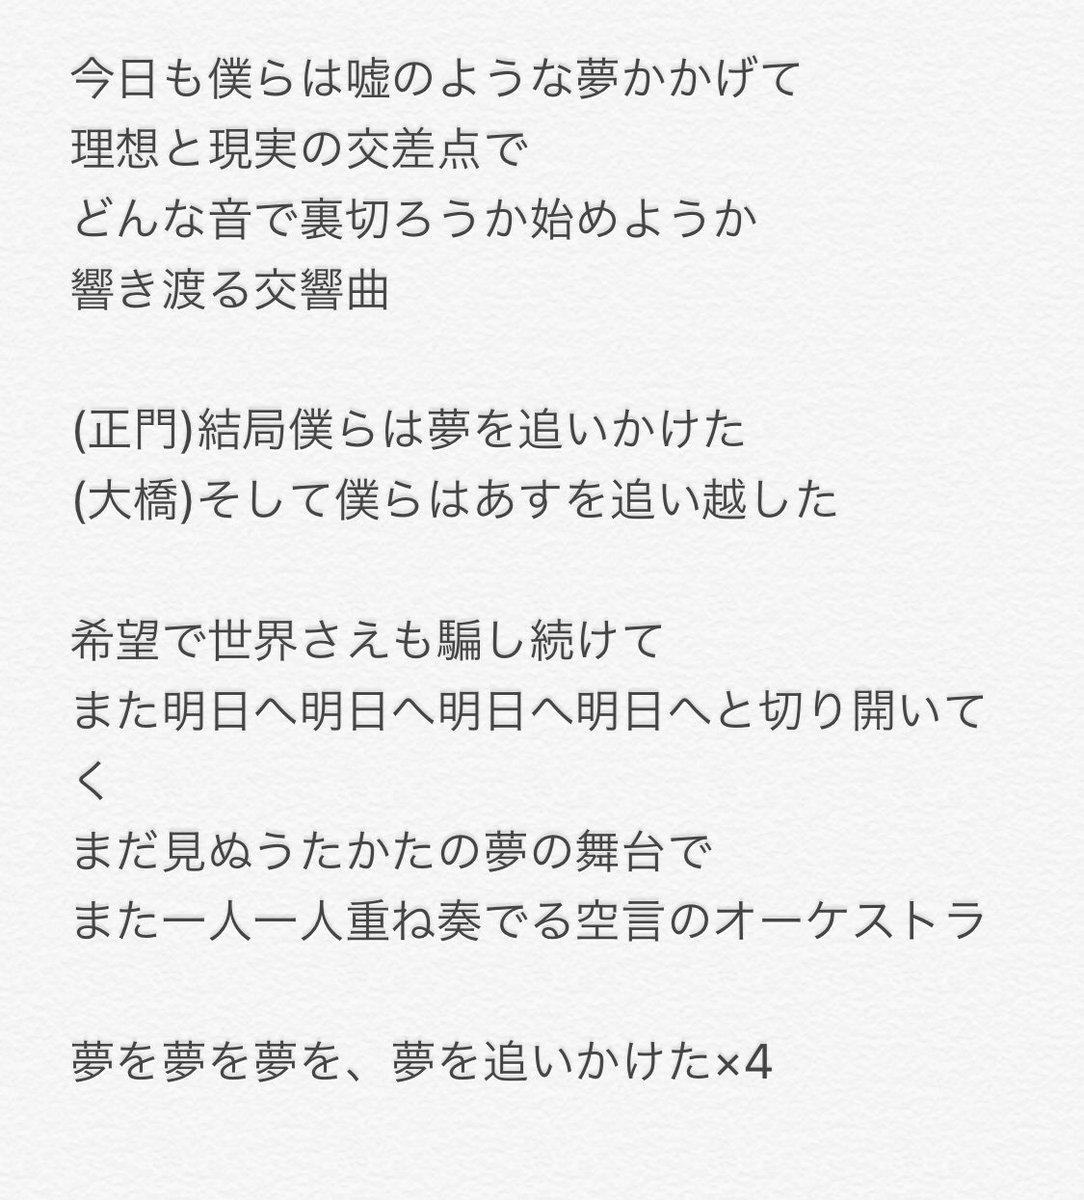 空言 の オーケストラ 空言のオーケストラ / 関西ジャニーズJr.